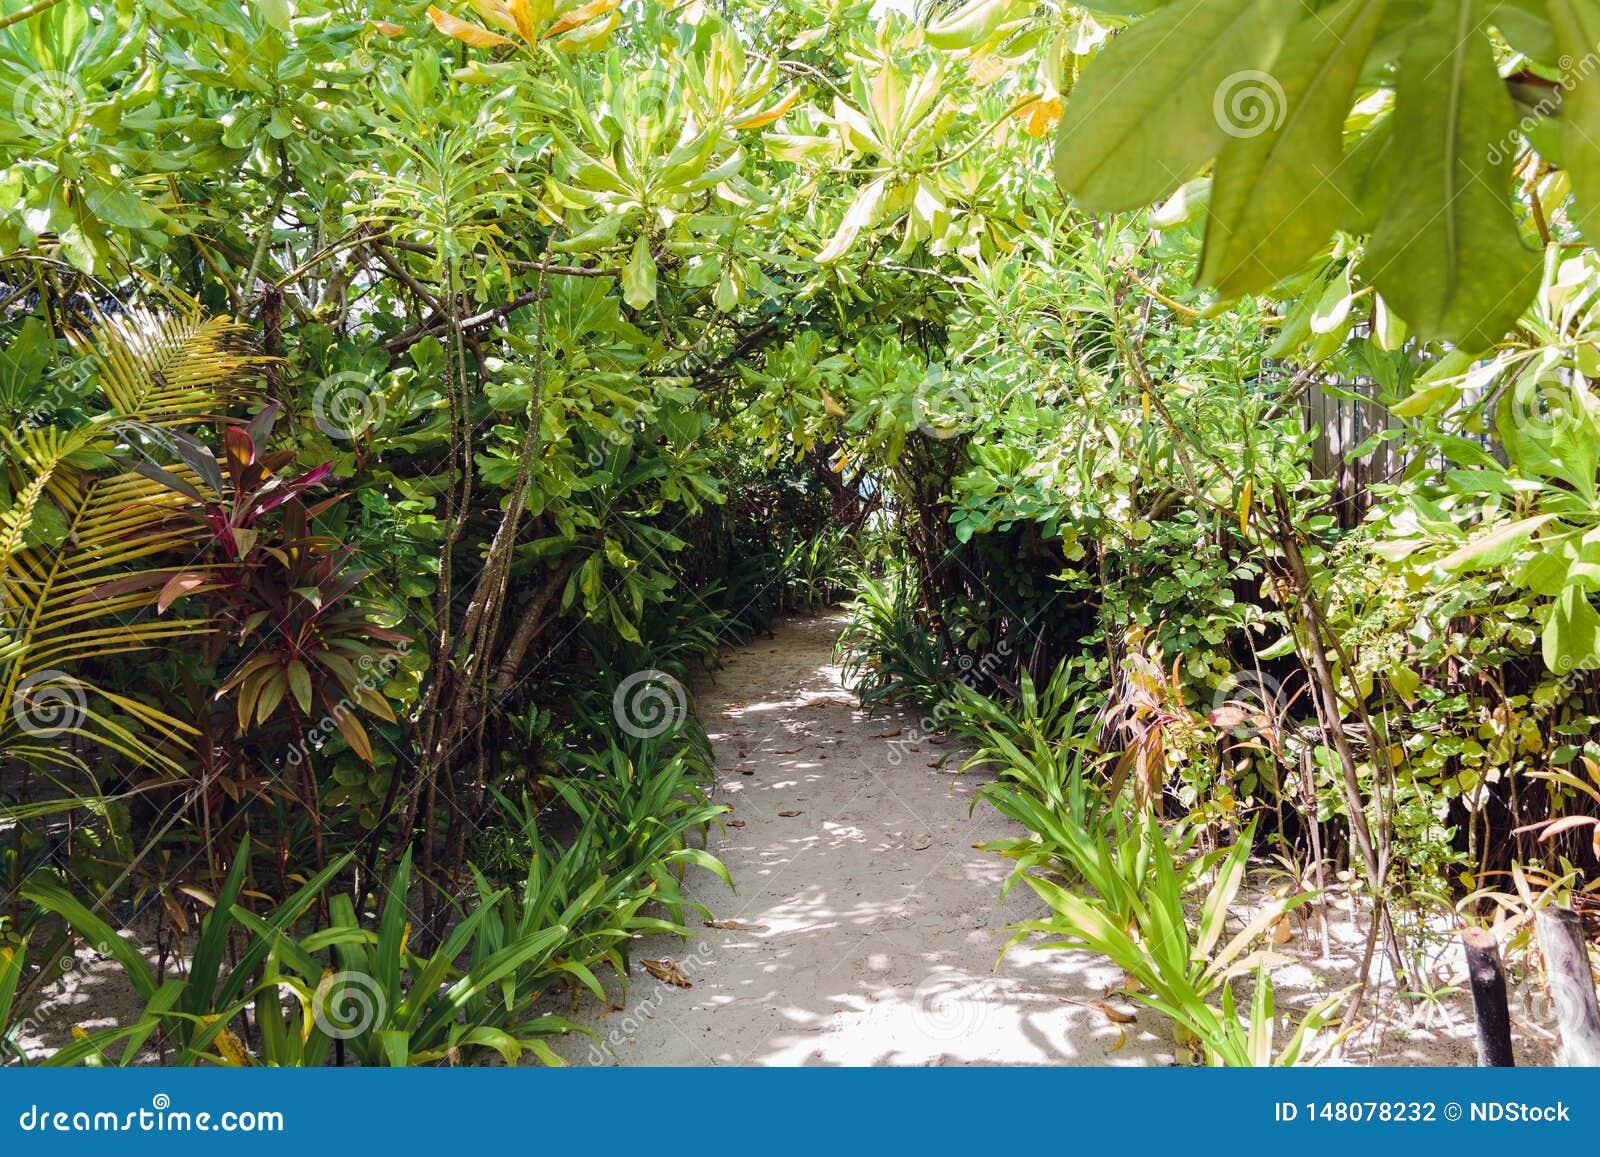 道路在一个马尔代夫海岛上的森林里